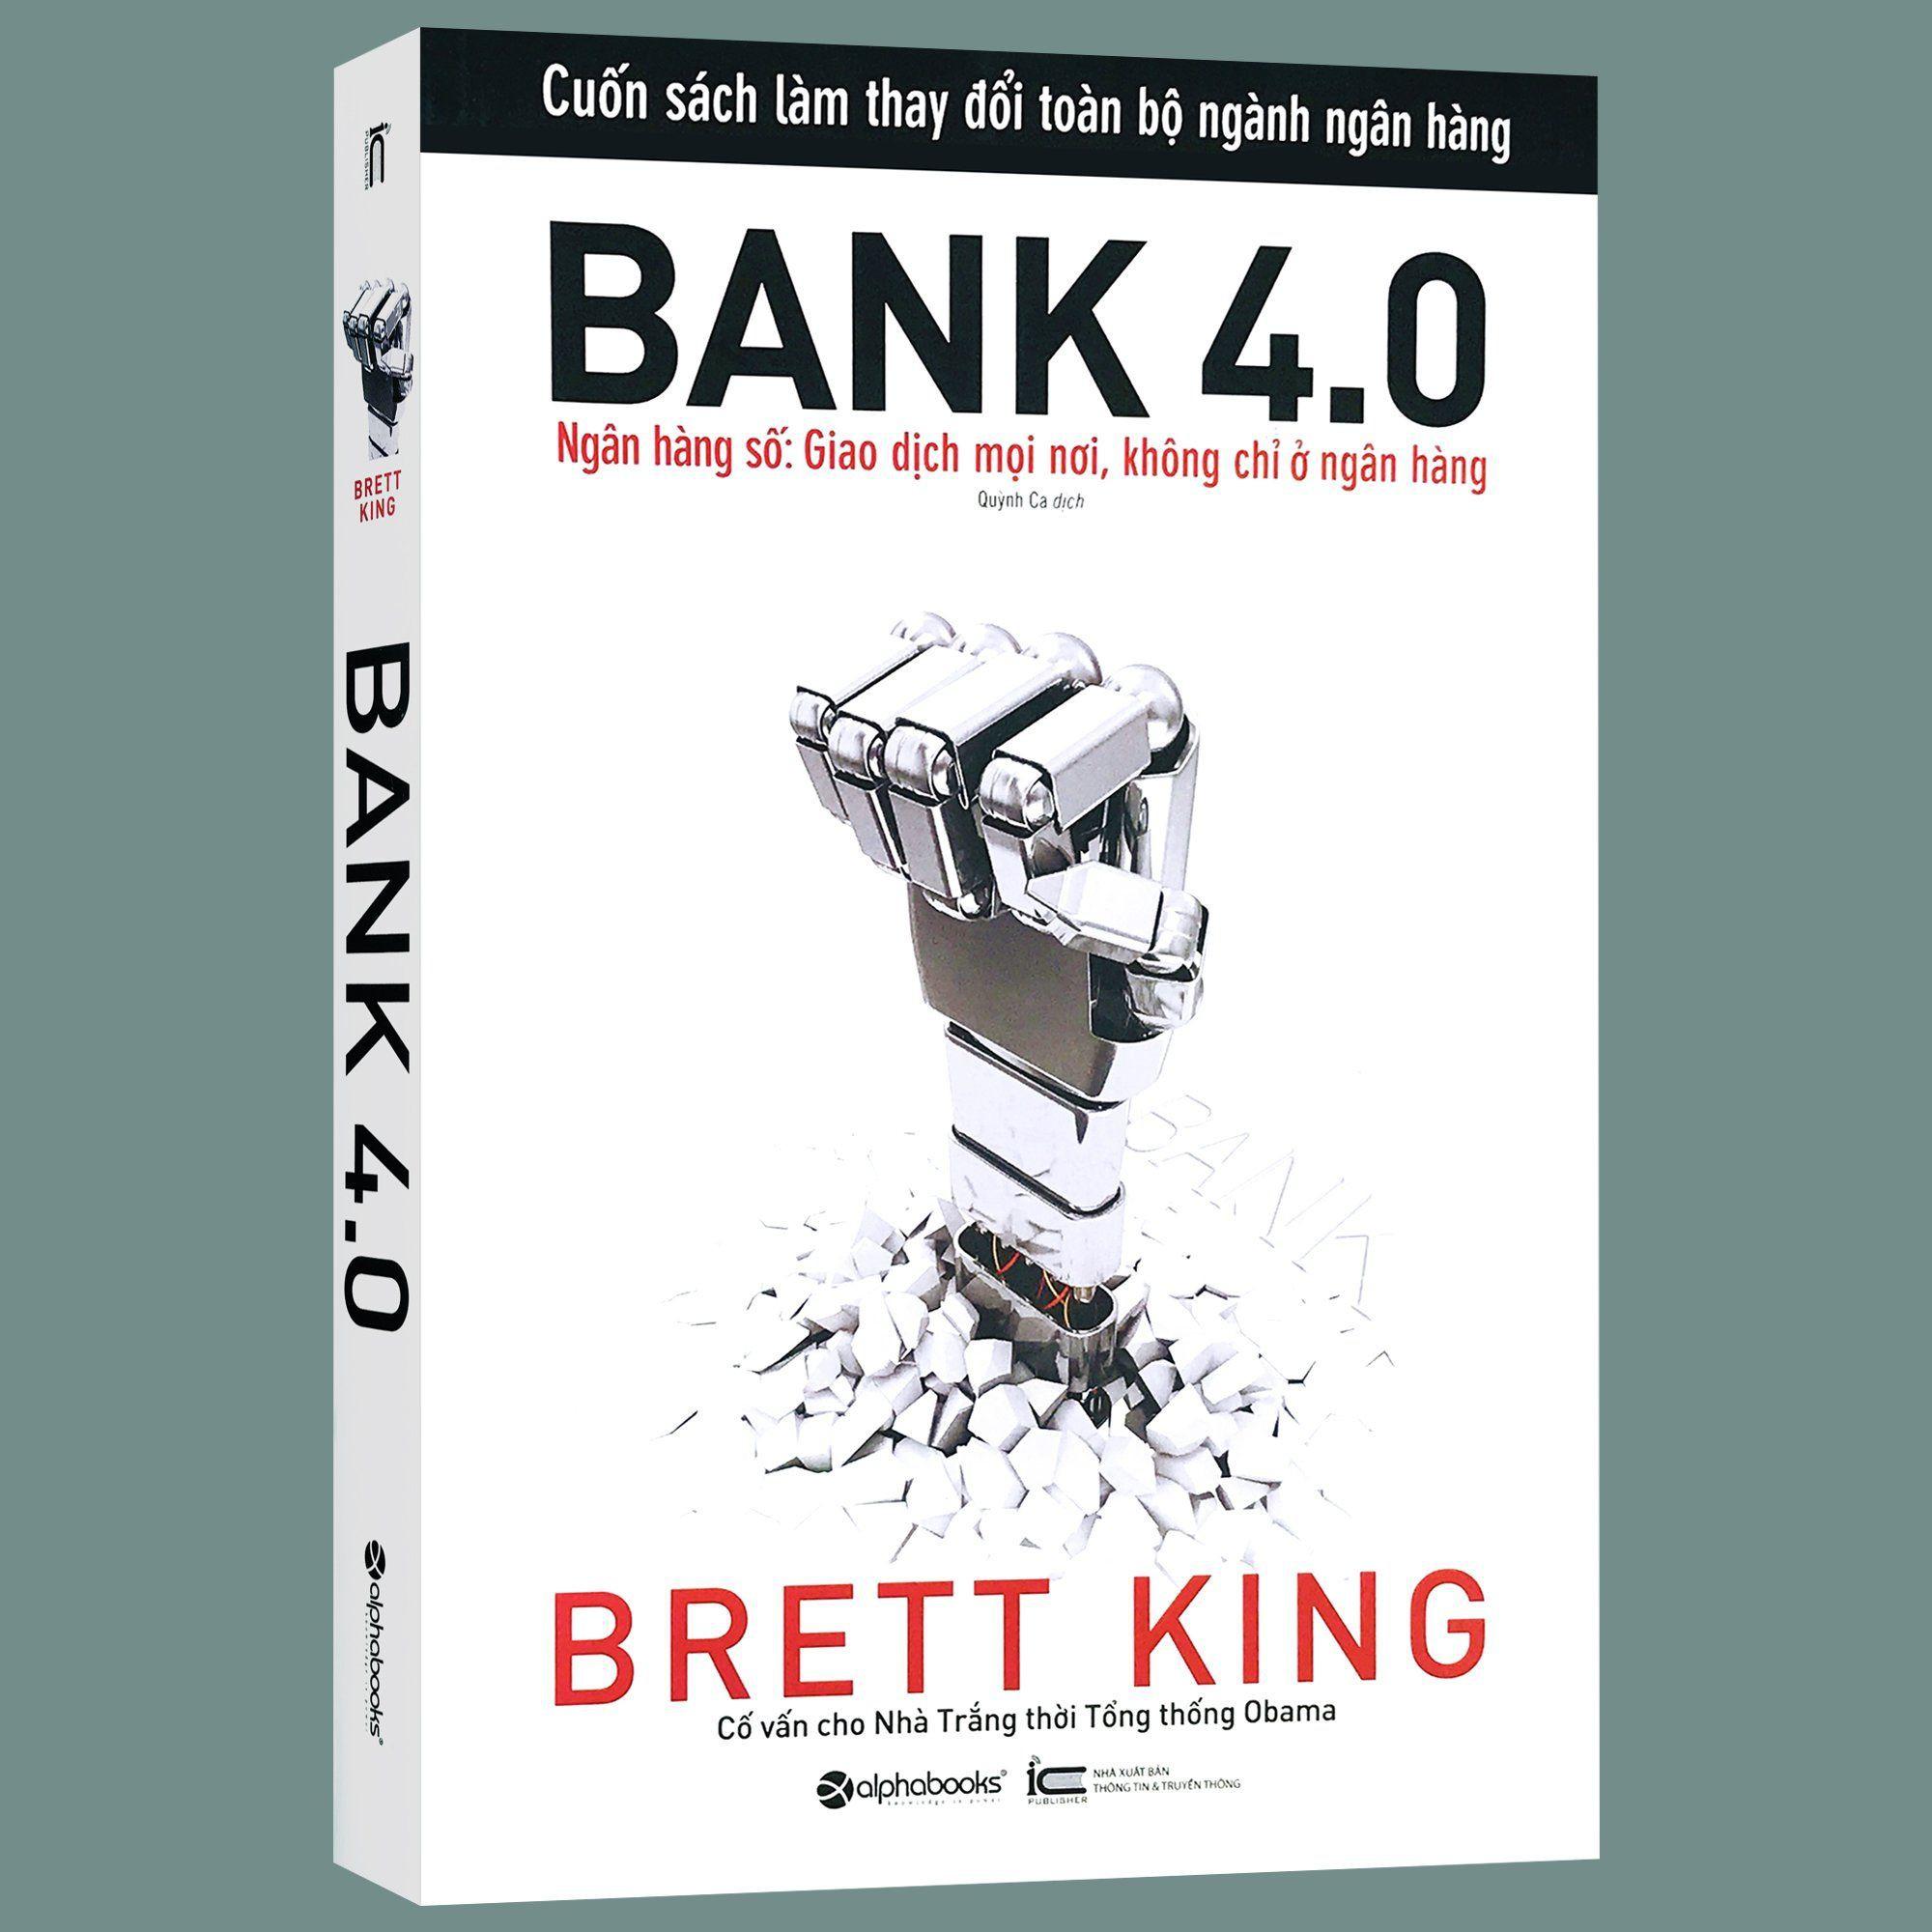 Sách - Bank 4.0 - Ngân Hàng Số: Giao Dịch Mọi Nơi, Không Chỉ Ở Ngân Hàng